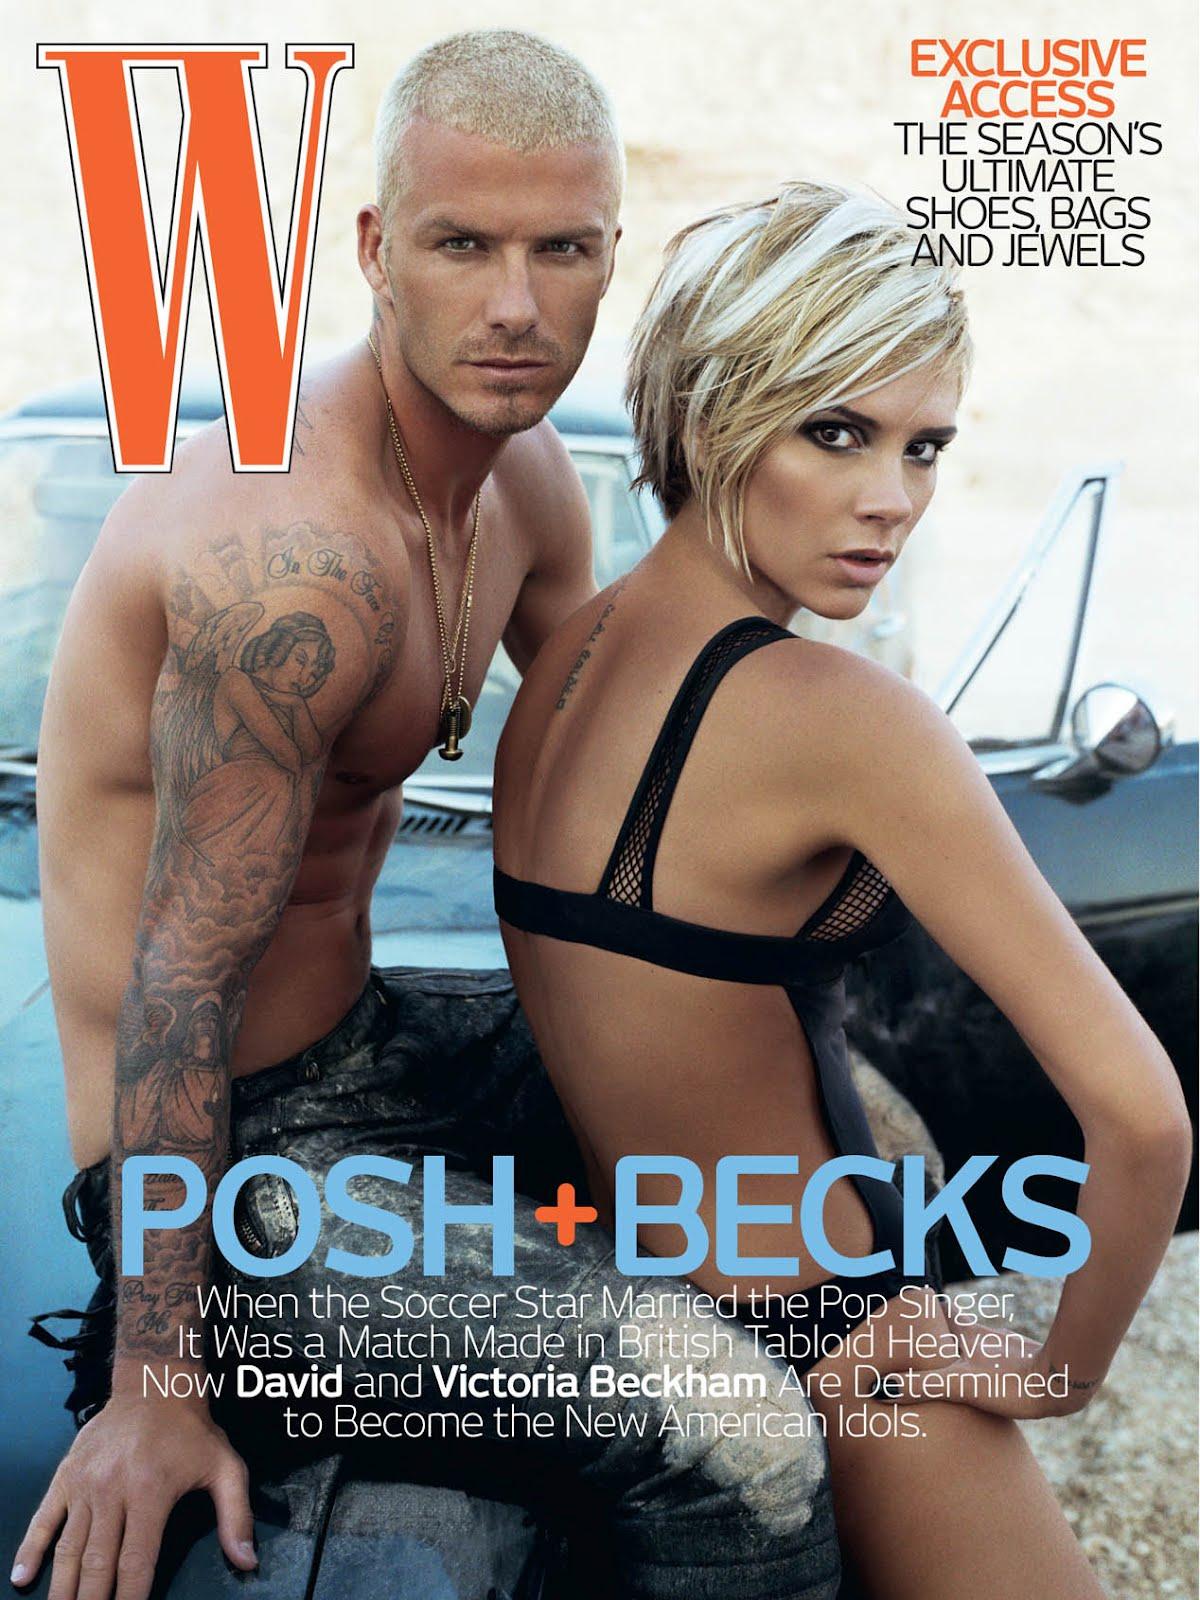 http://1.bp.blogspot.com/-NPvThvHOdpE/T9IOTZijmqI/AAAAAAAAIeA/MV6mF8vXthw/s1600/Posh_victoria_beckham_w_magazine.jpg